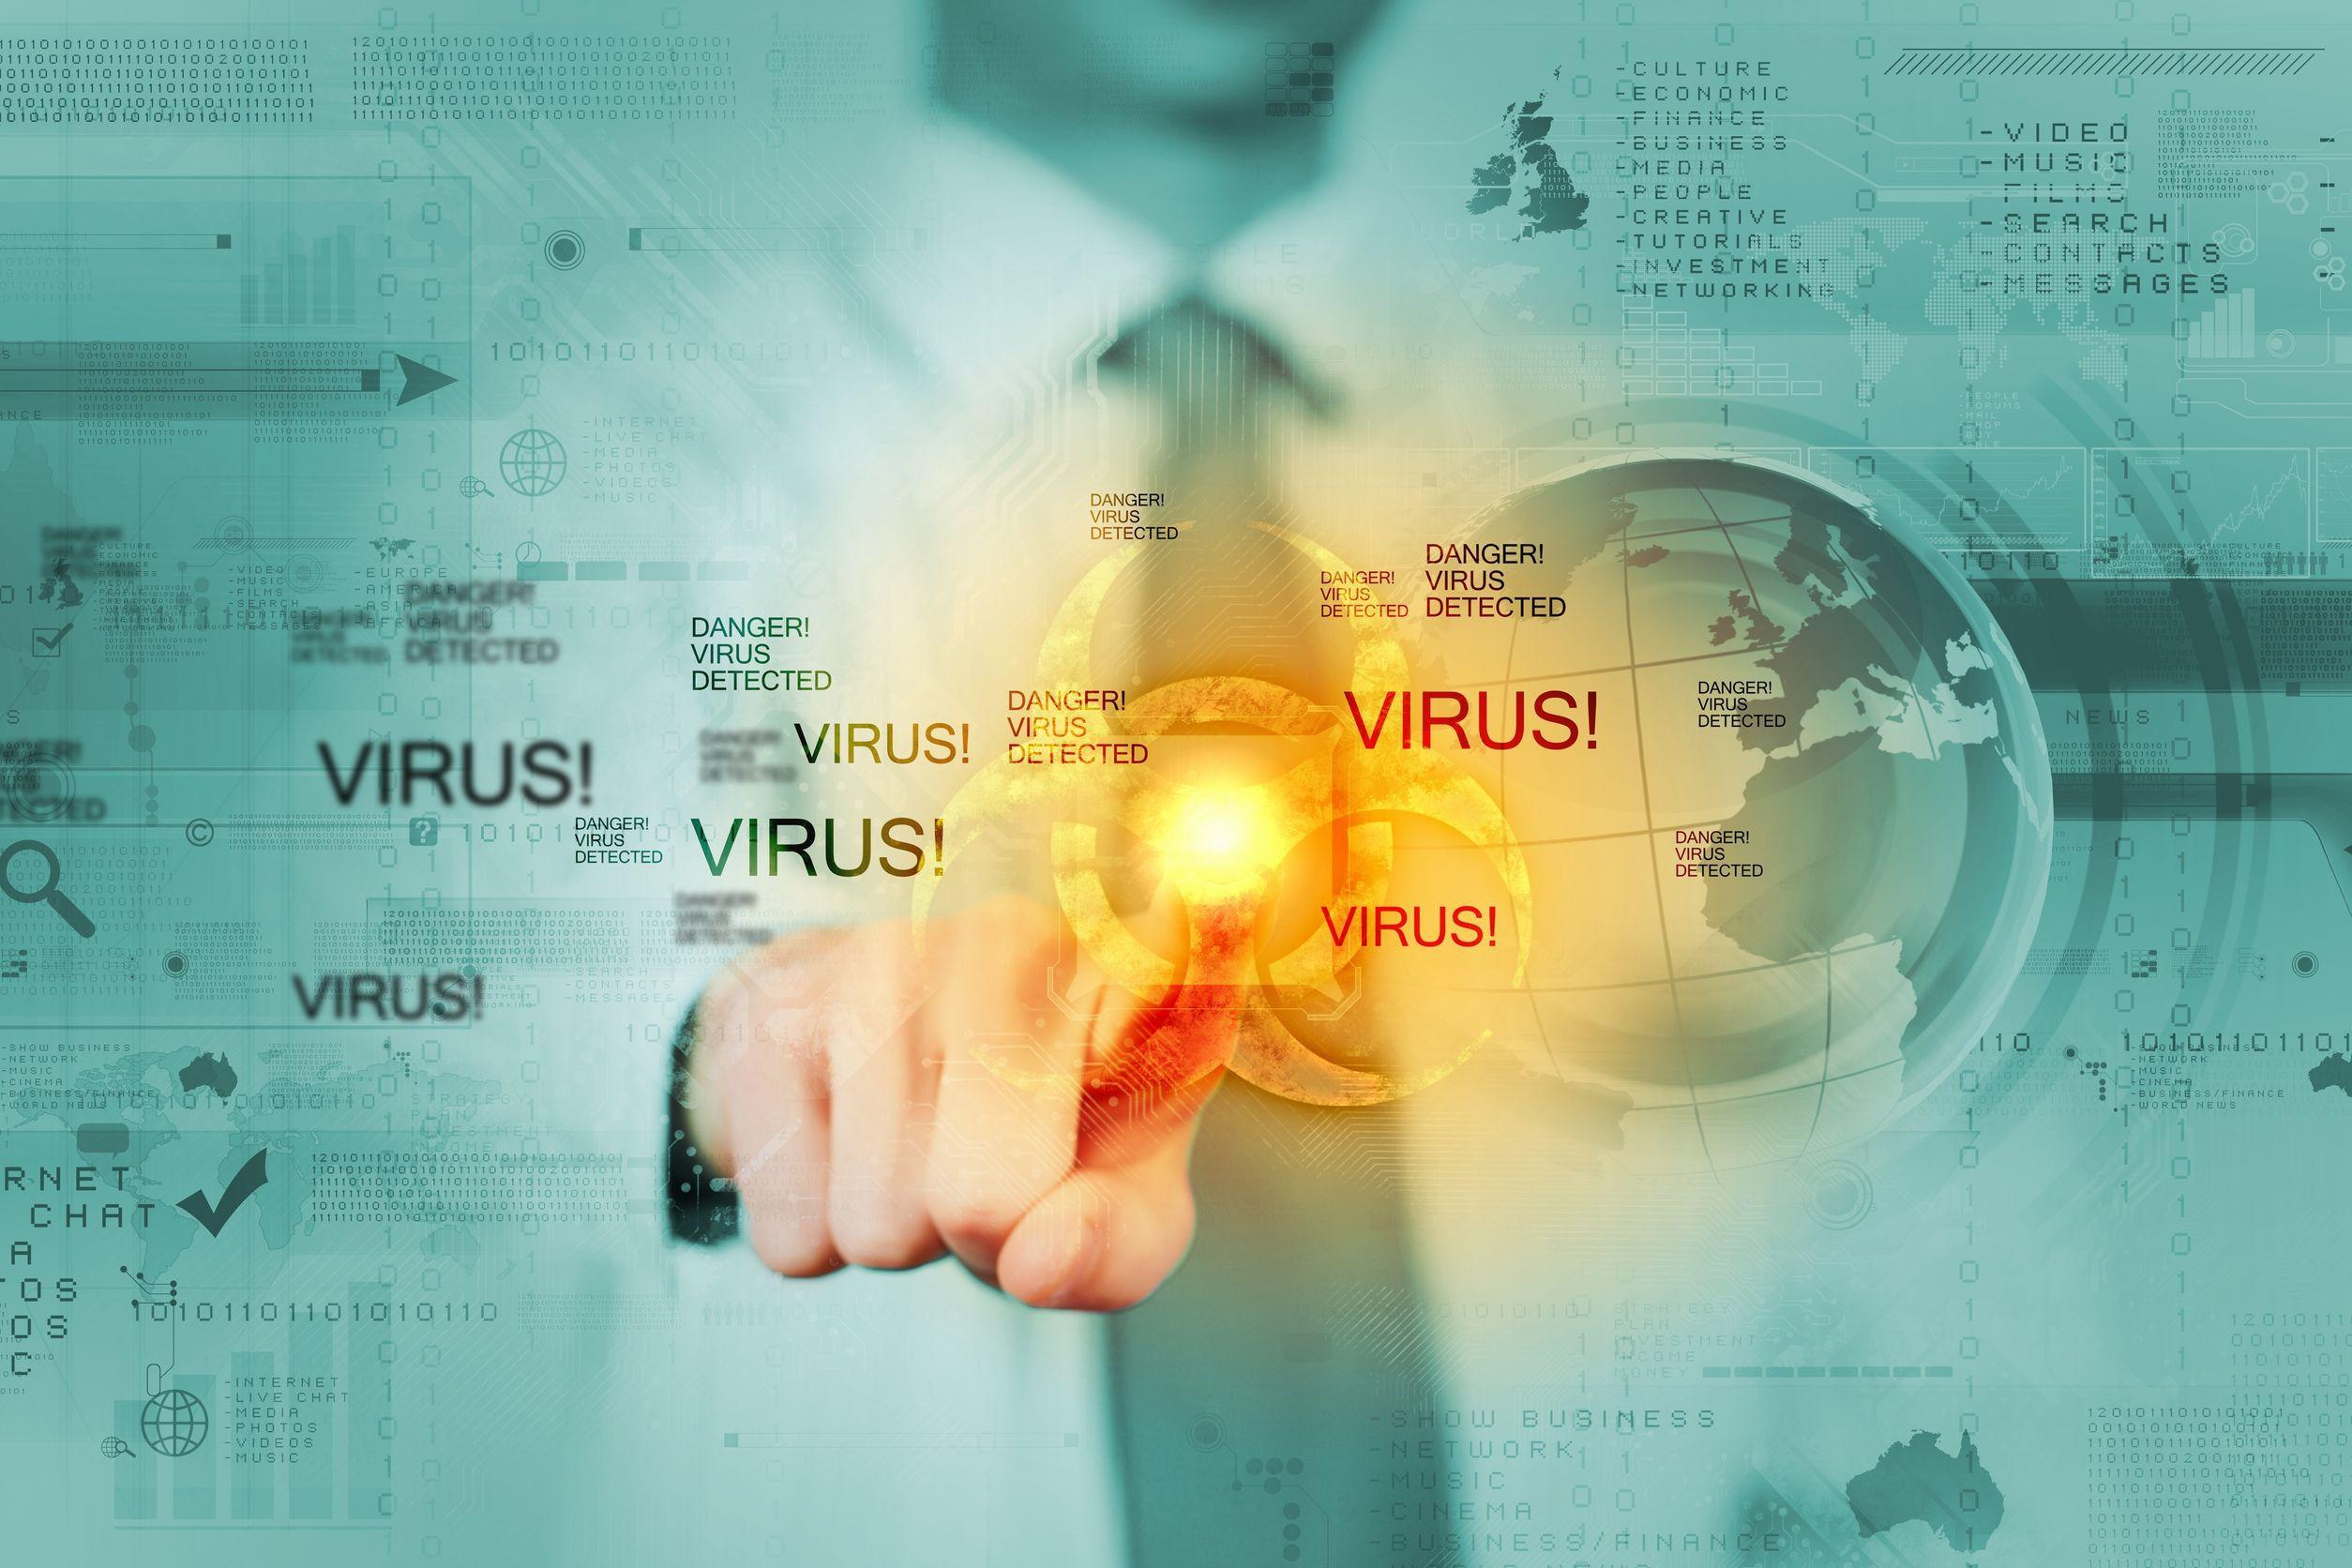 Kaspersky Lab după ancheta internă privind un incident cibernetic din SUA:  Este posibil ca mai mulţi terţi să fi avut acces la un computer cu informaţii clasificate